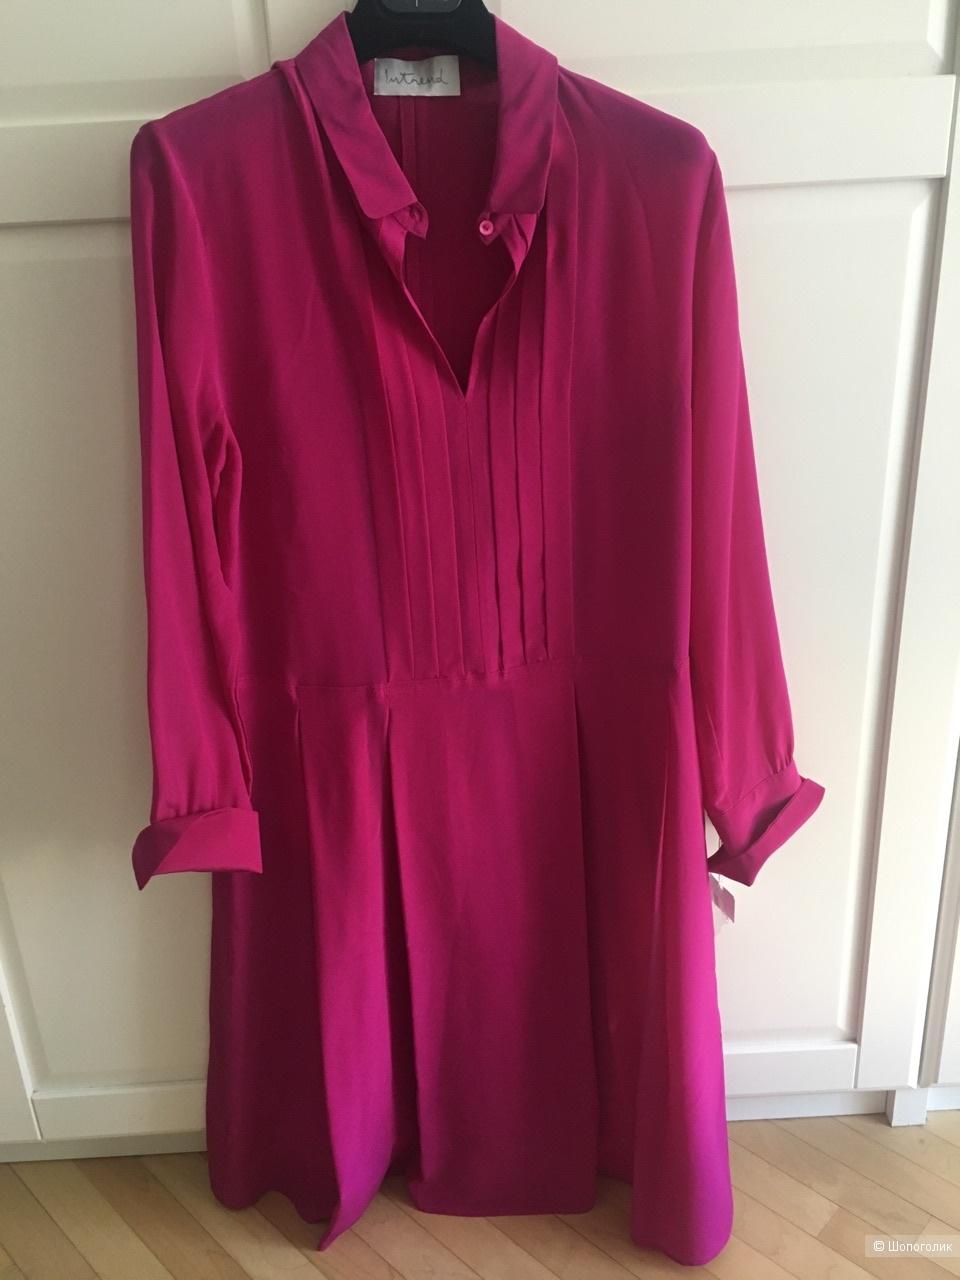 Новое платье Макс Мара (Intrend) из шелка